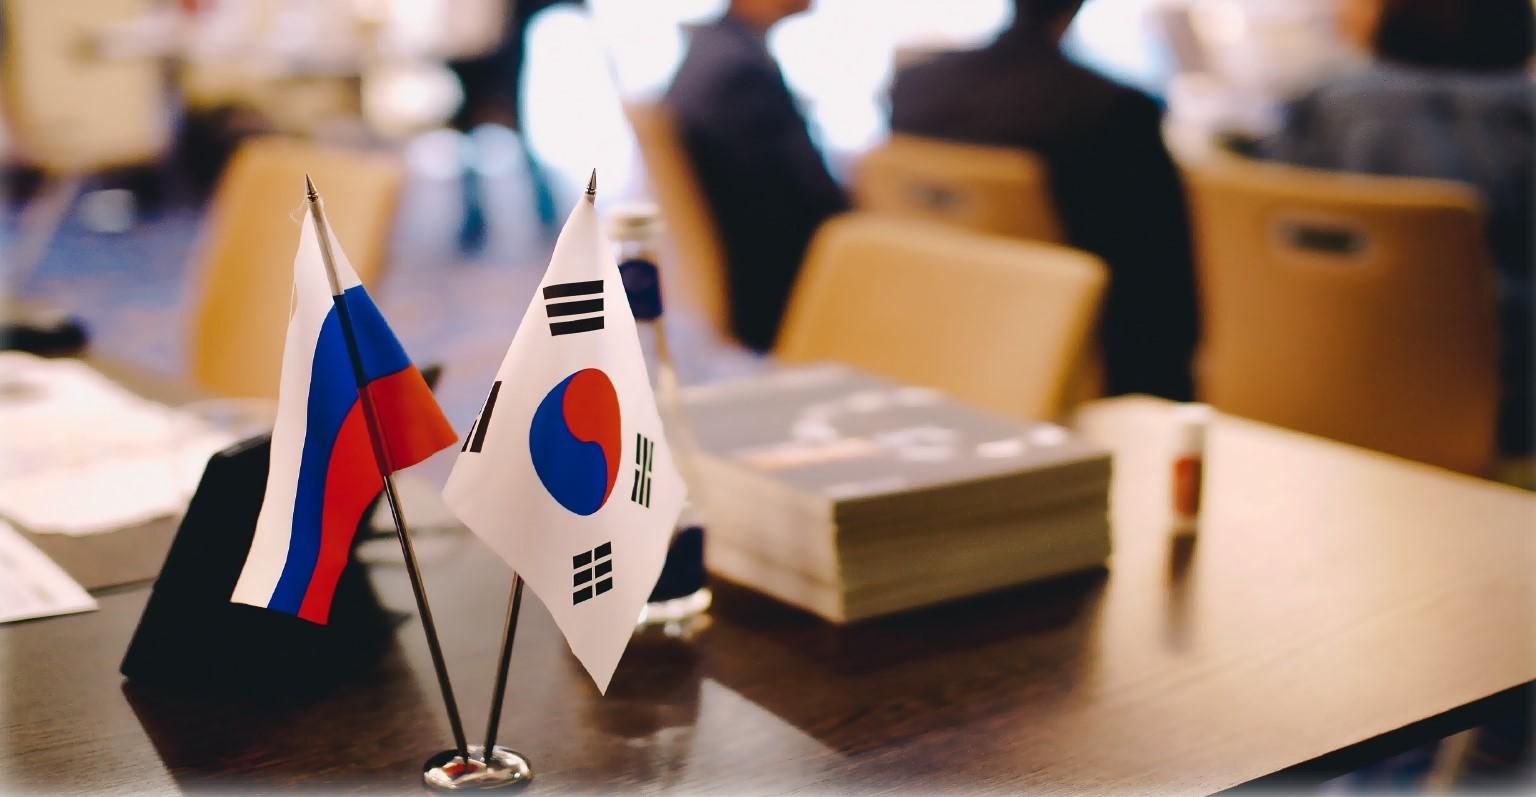 28 октября, г. Красноярск, бизнес-встреча «Эффективные инструменты импорта продукции из Южной Кореи»